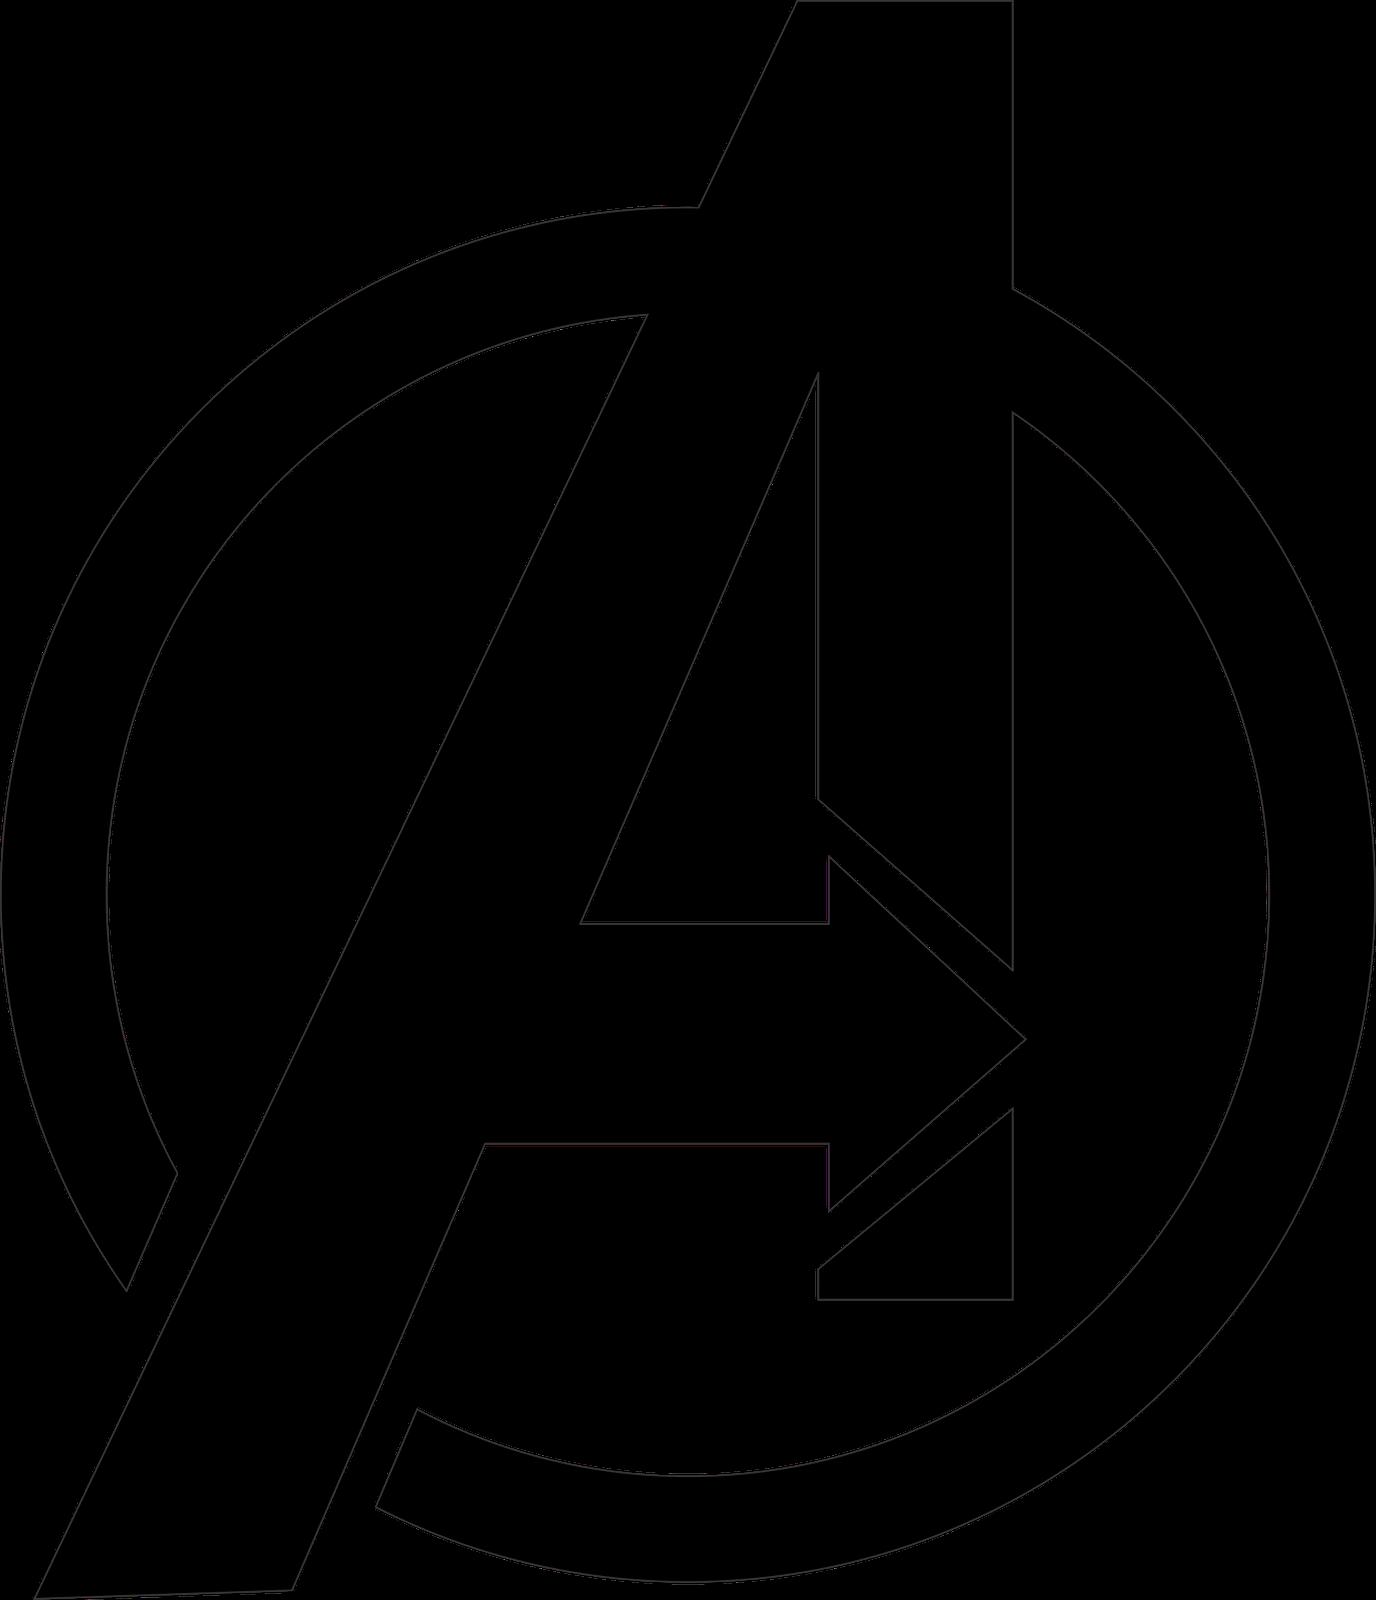 Avengers Logo Http 4 Bp Blogspot Com Wcsbvfqkatg T8rrfcapz0i Aaaaaaaacnm Rjmjf2pjlaw S1600 Avengers Logo Vers Avengers Logo Avengers Symbols Avengers Decals